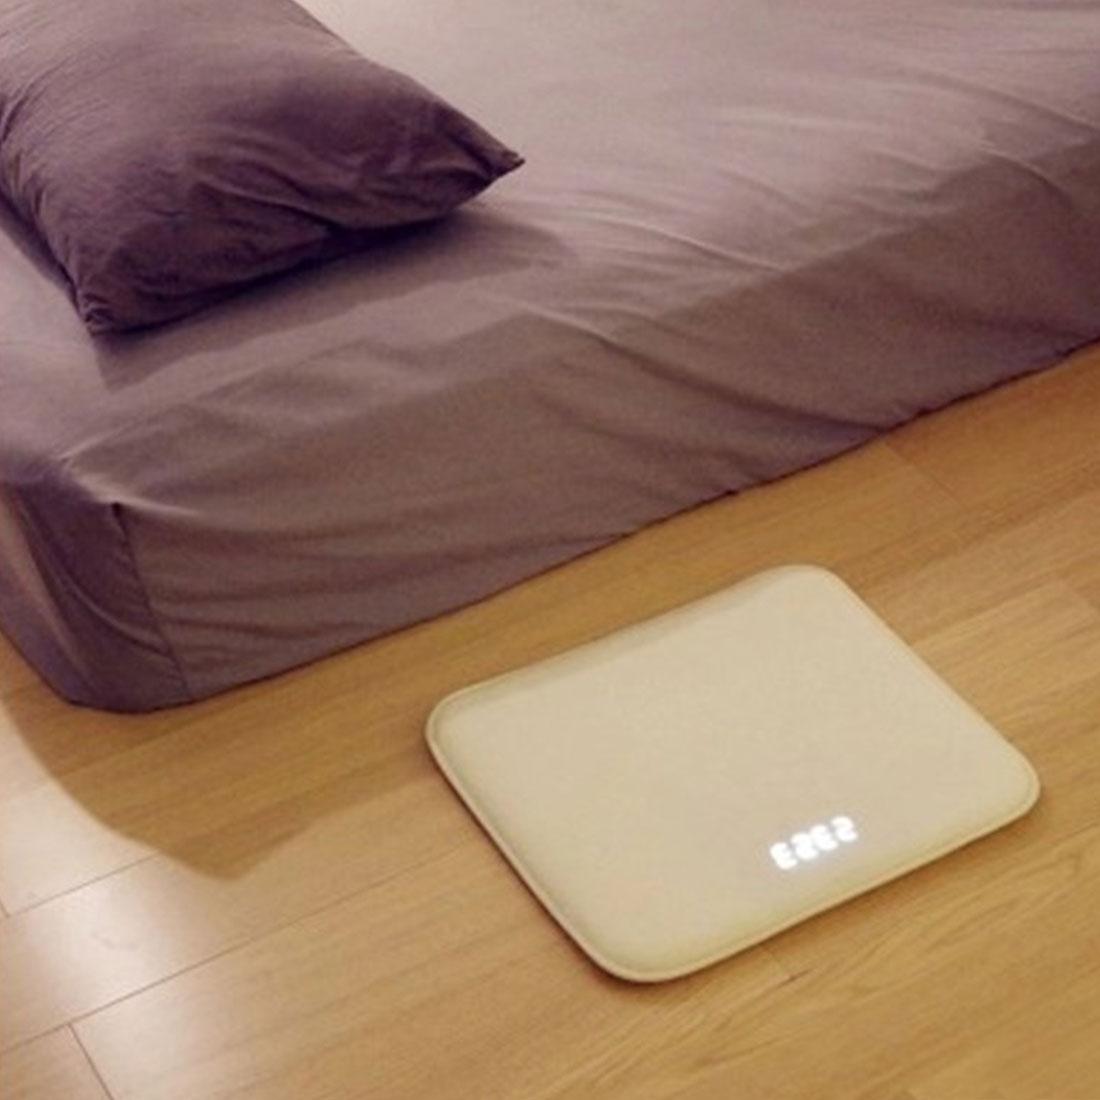 Nouveau mode moderne tapis sensible à la pression tapis réveil LED réveil électronique numérique pour enfants horloges lourdes